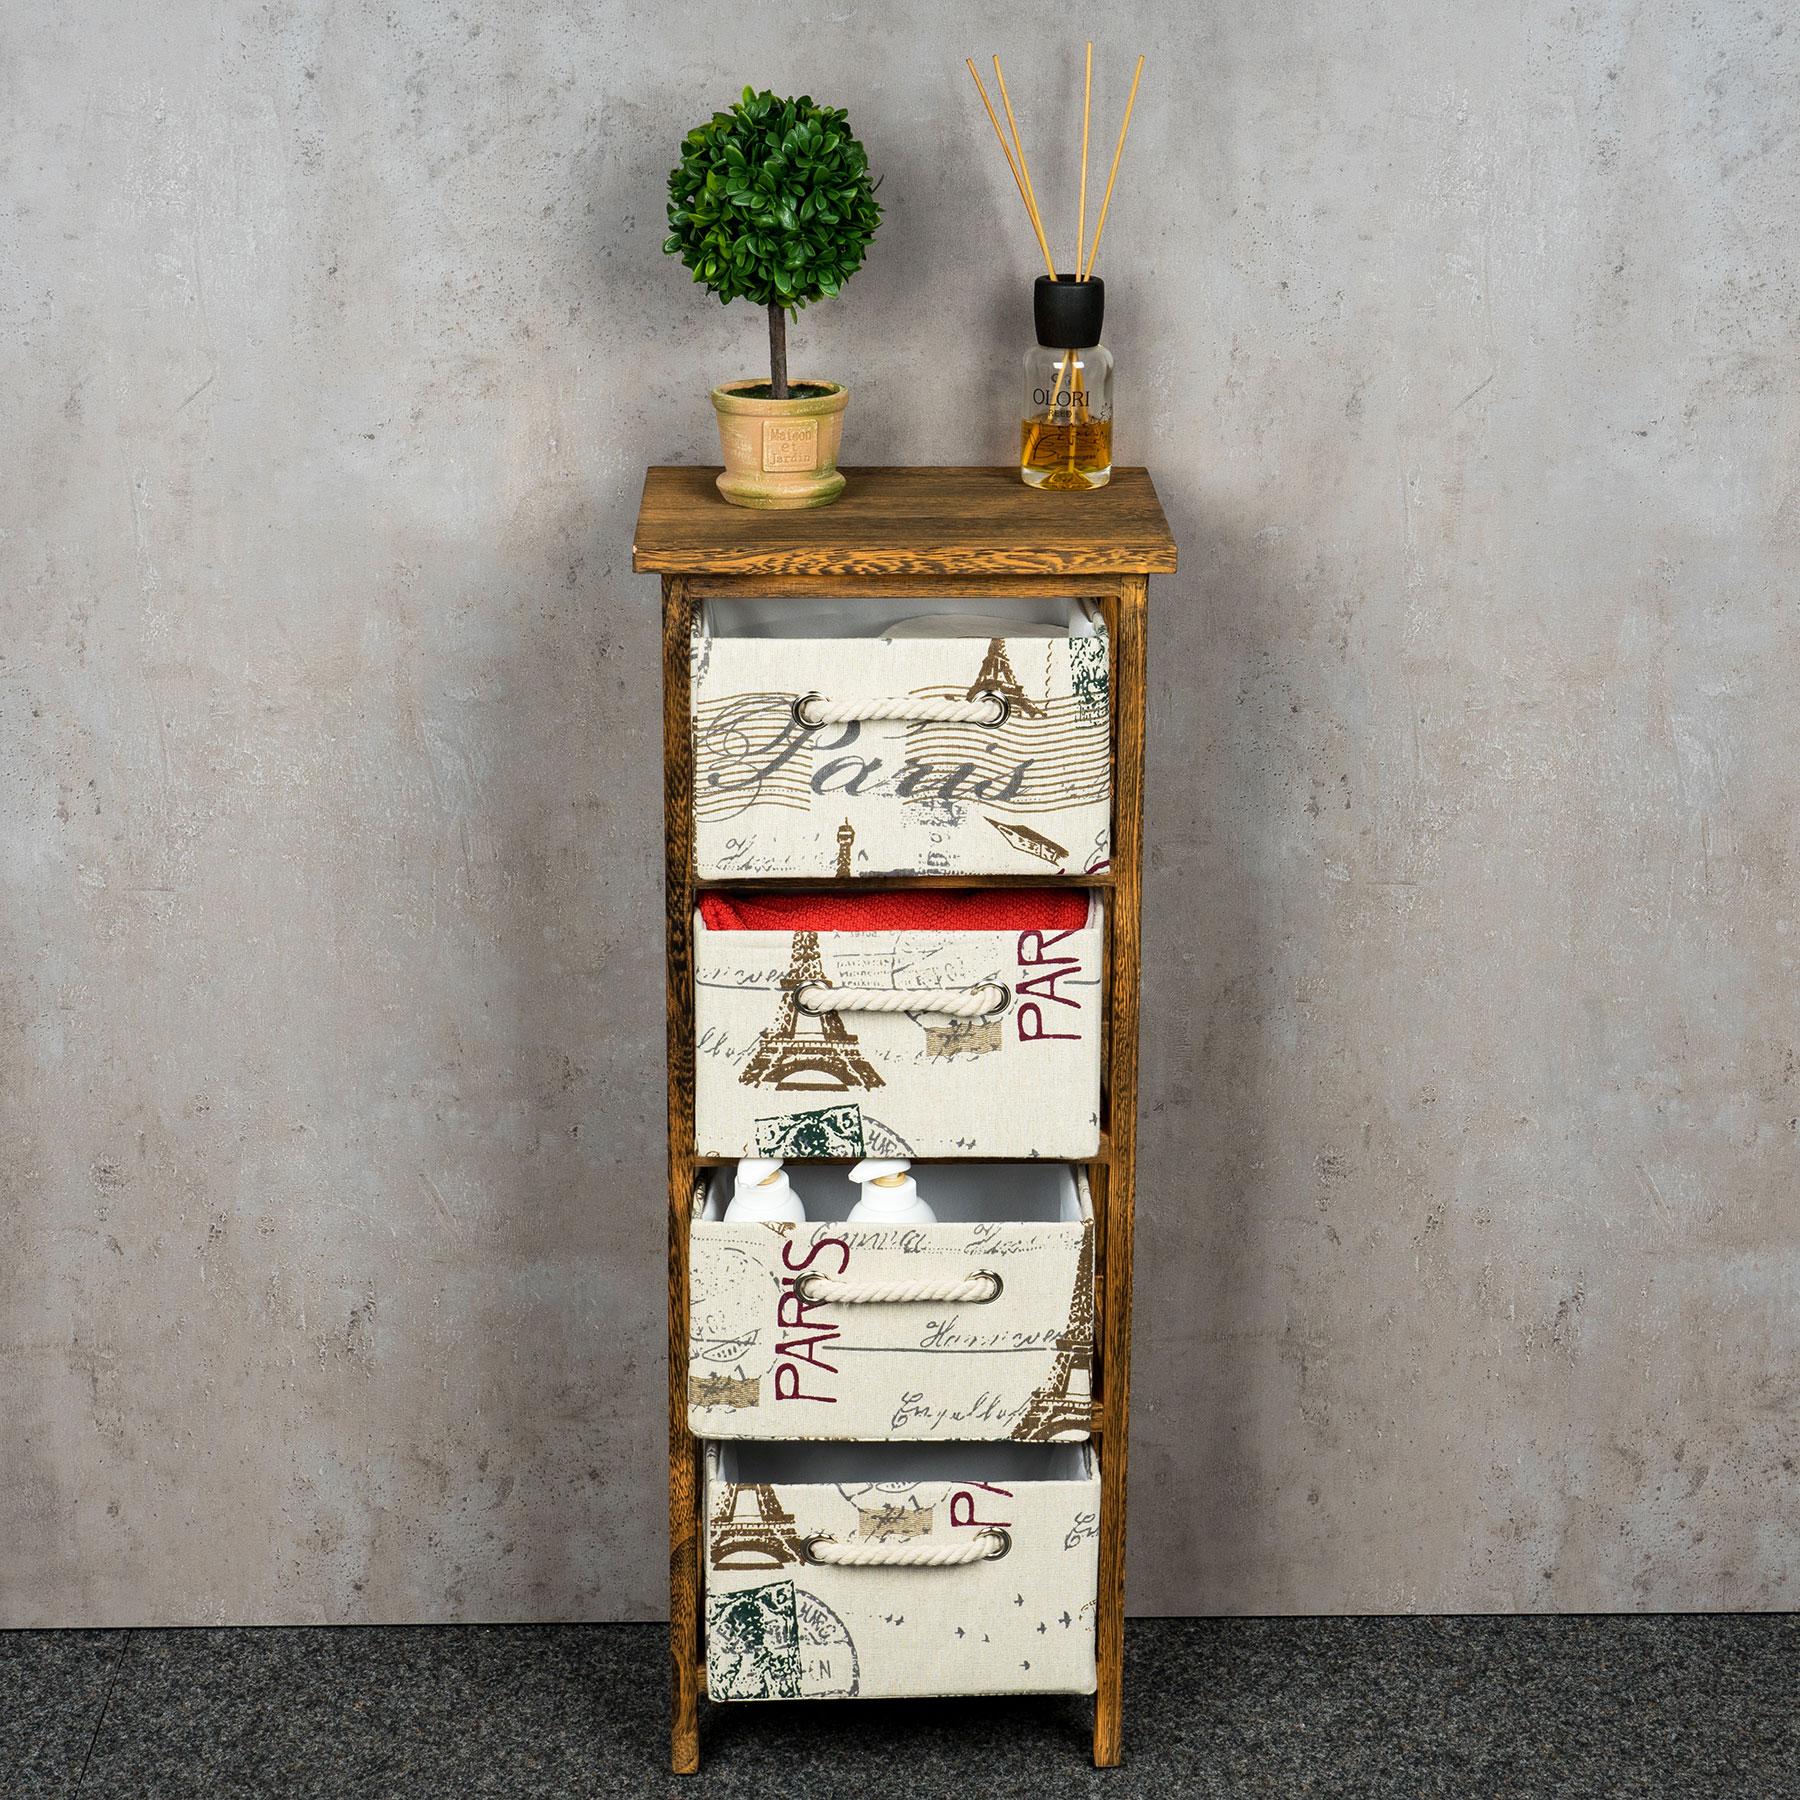 75 cm hoch gallery of premium x cm hochformat limetten und orangen wandbild hdbild auf. Black Bedroom Furniture Sets. Home Design Ideas